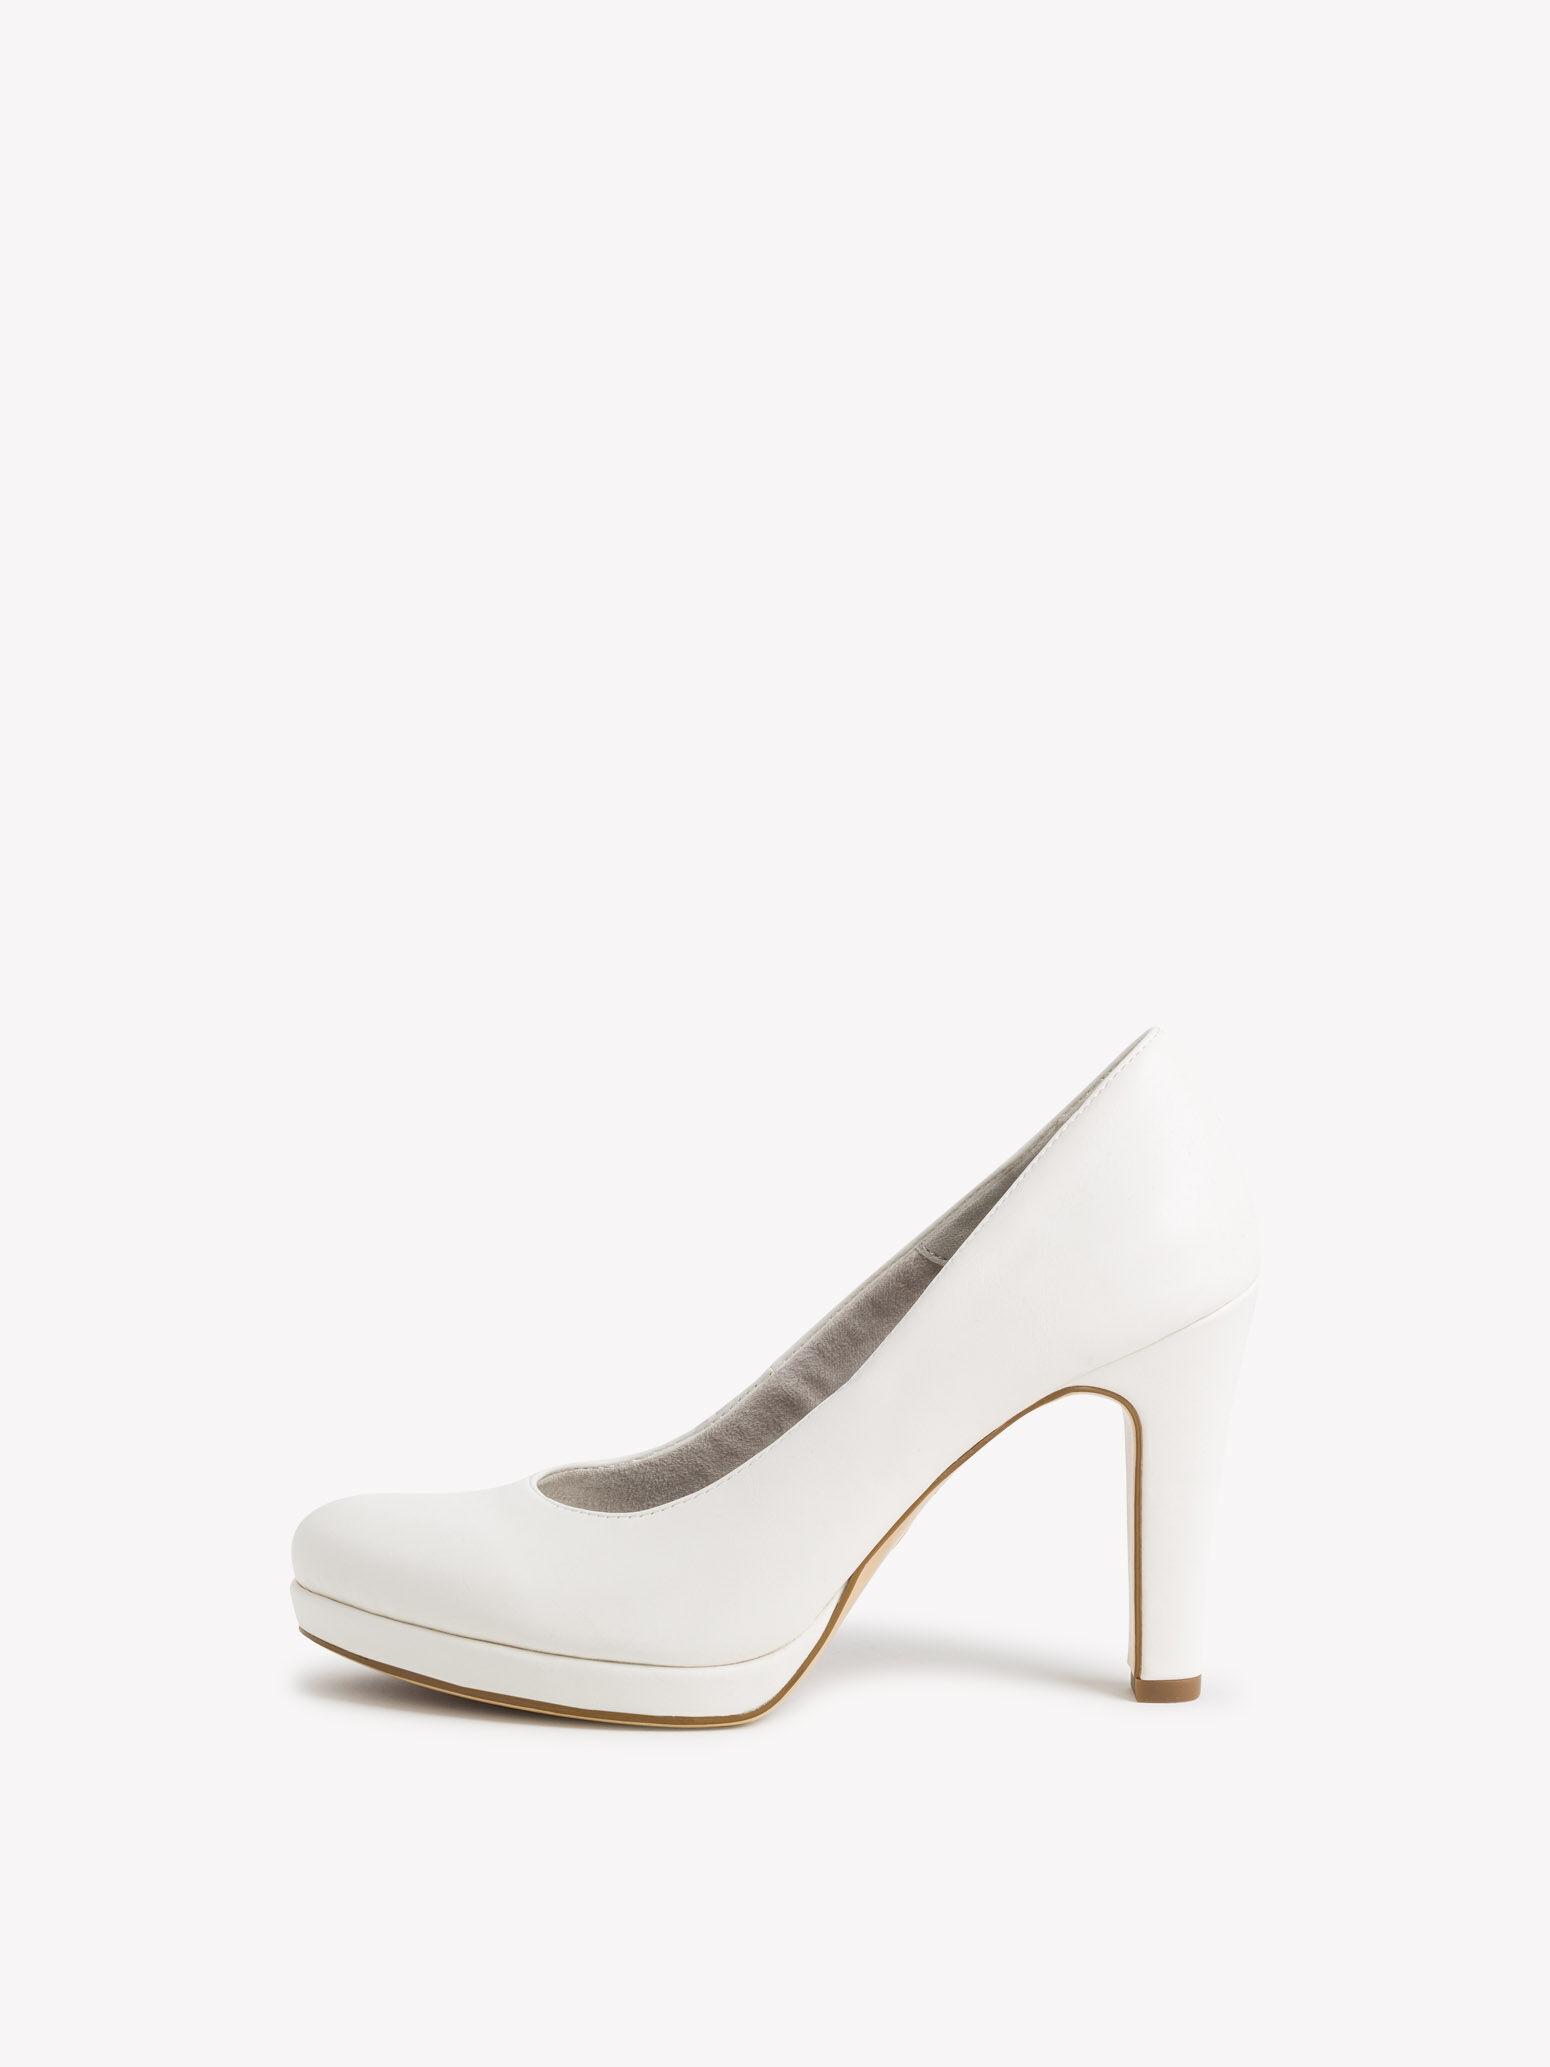 tamaris sneaker schwarz weiß, Tamaris high heel pumps